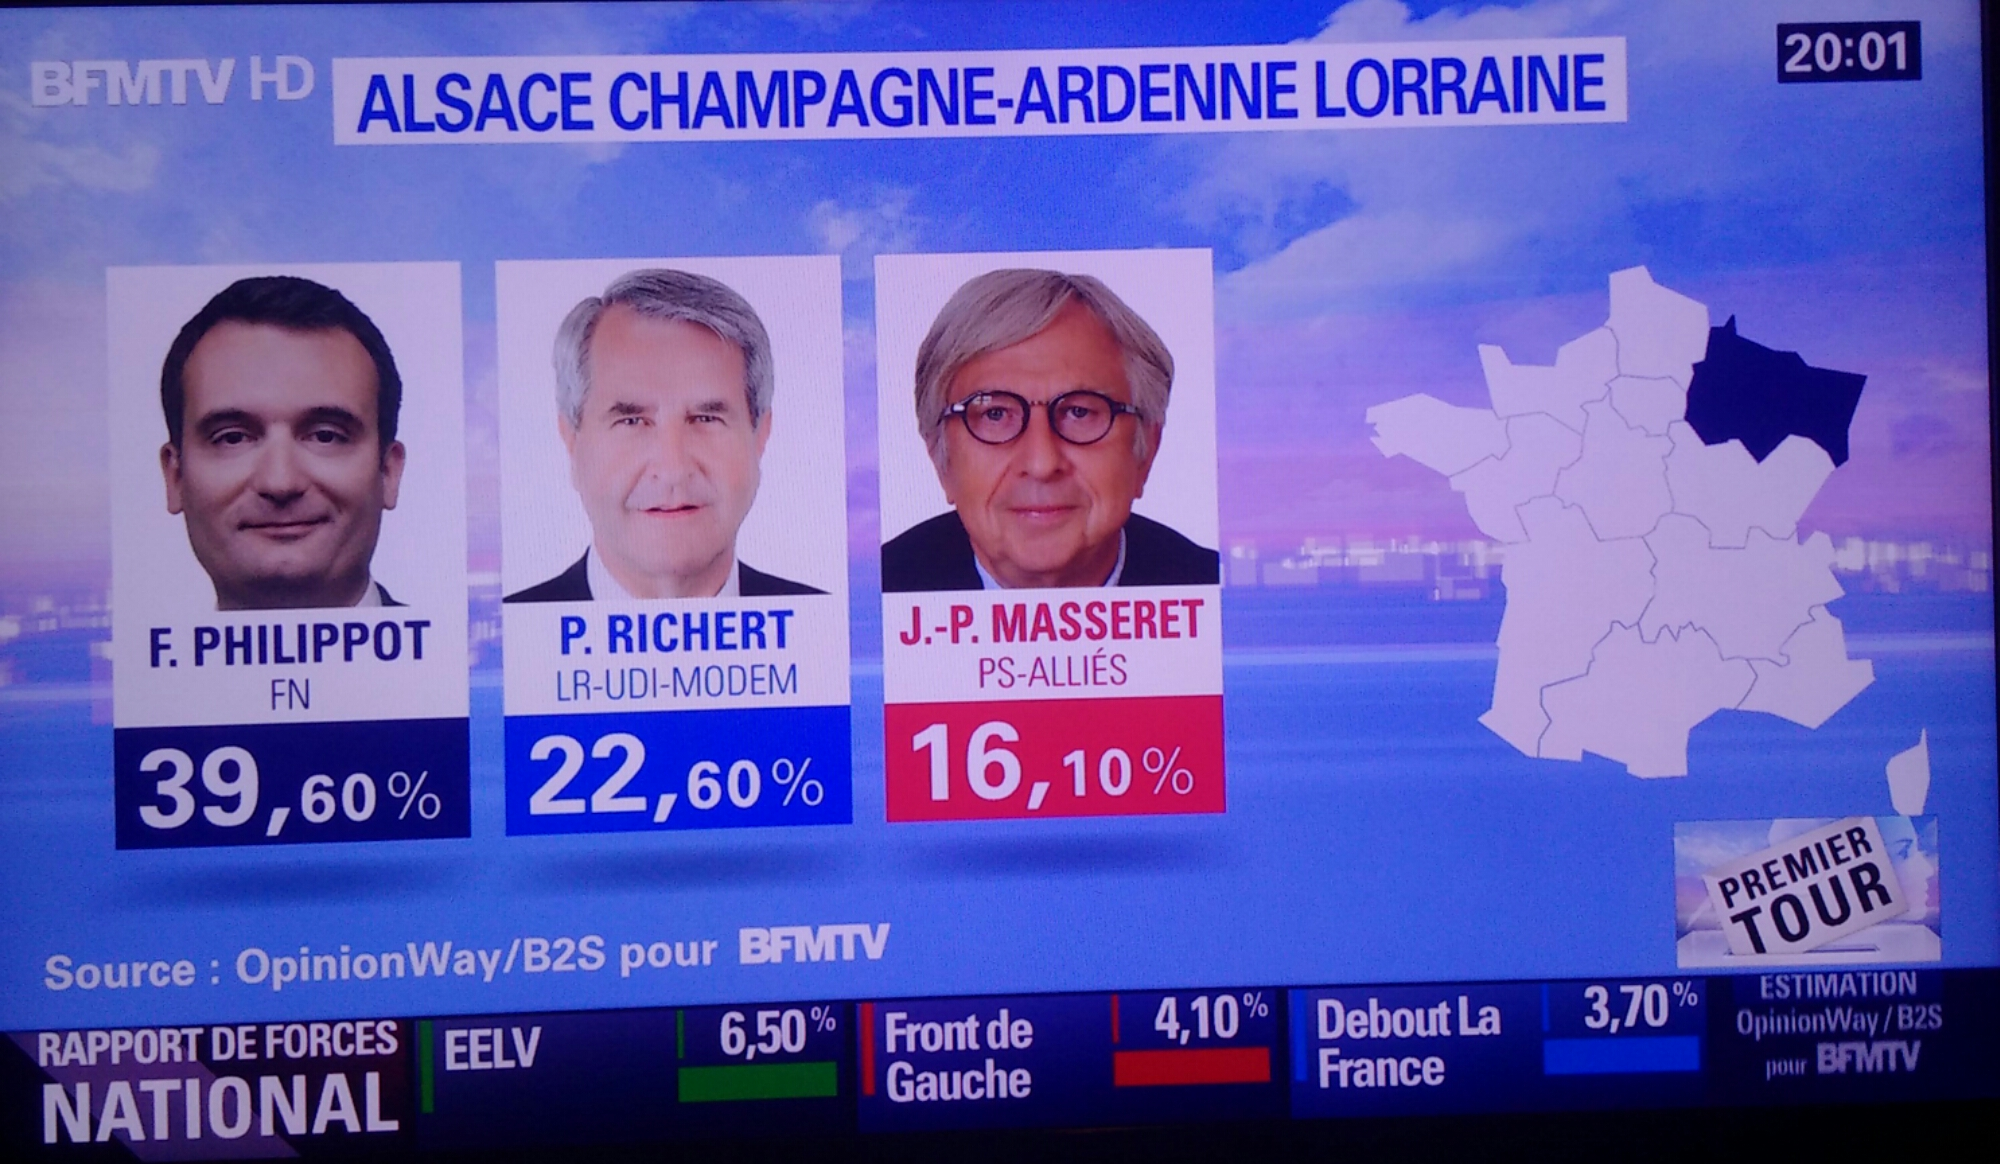 Résultats régionales 2015 Alsace Champagne-Ardenne Lorraine